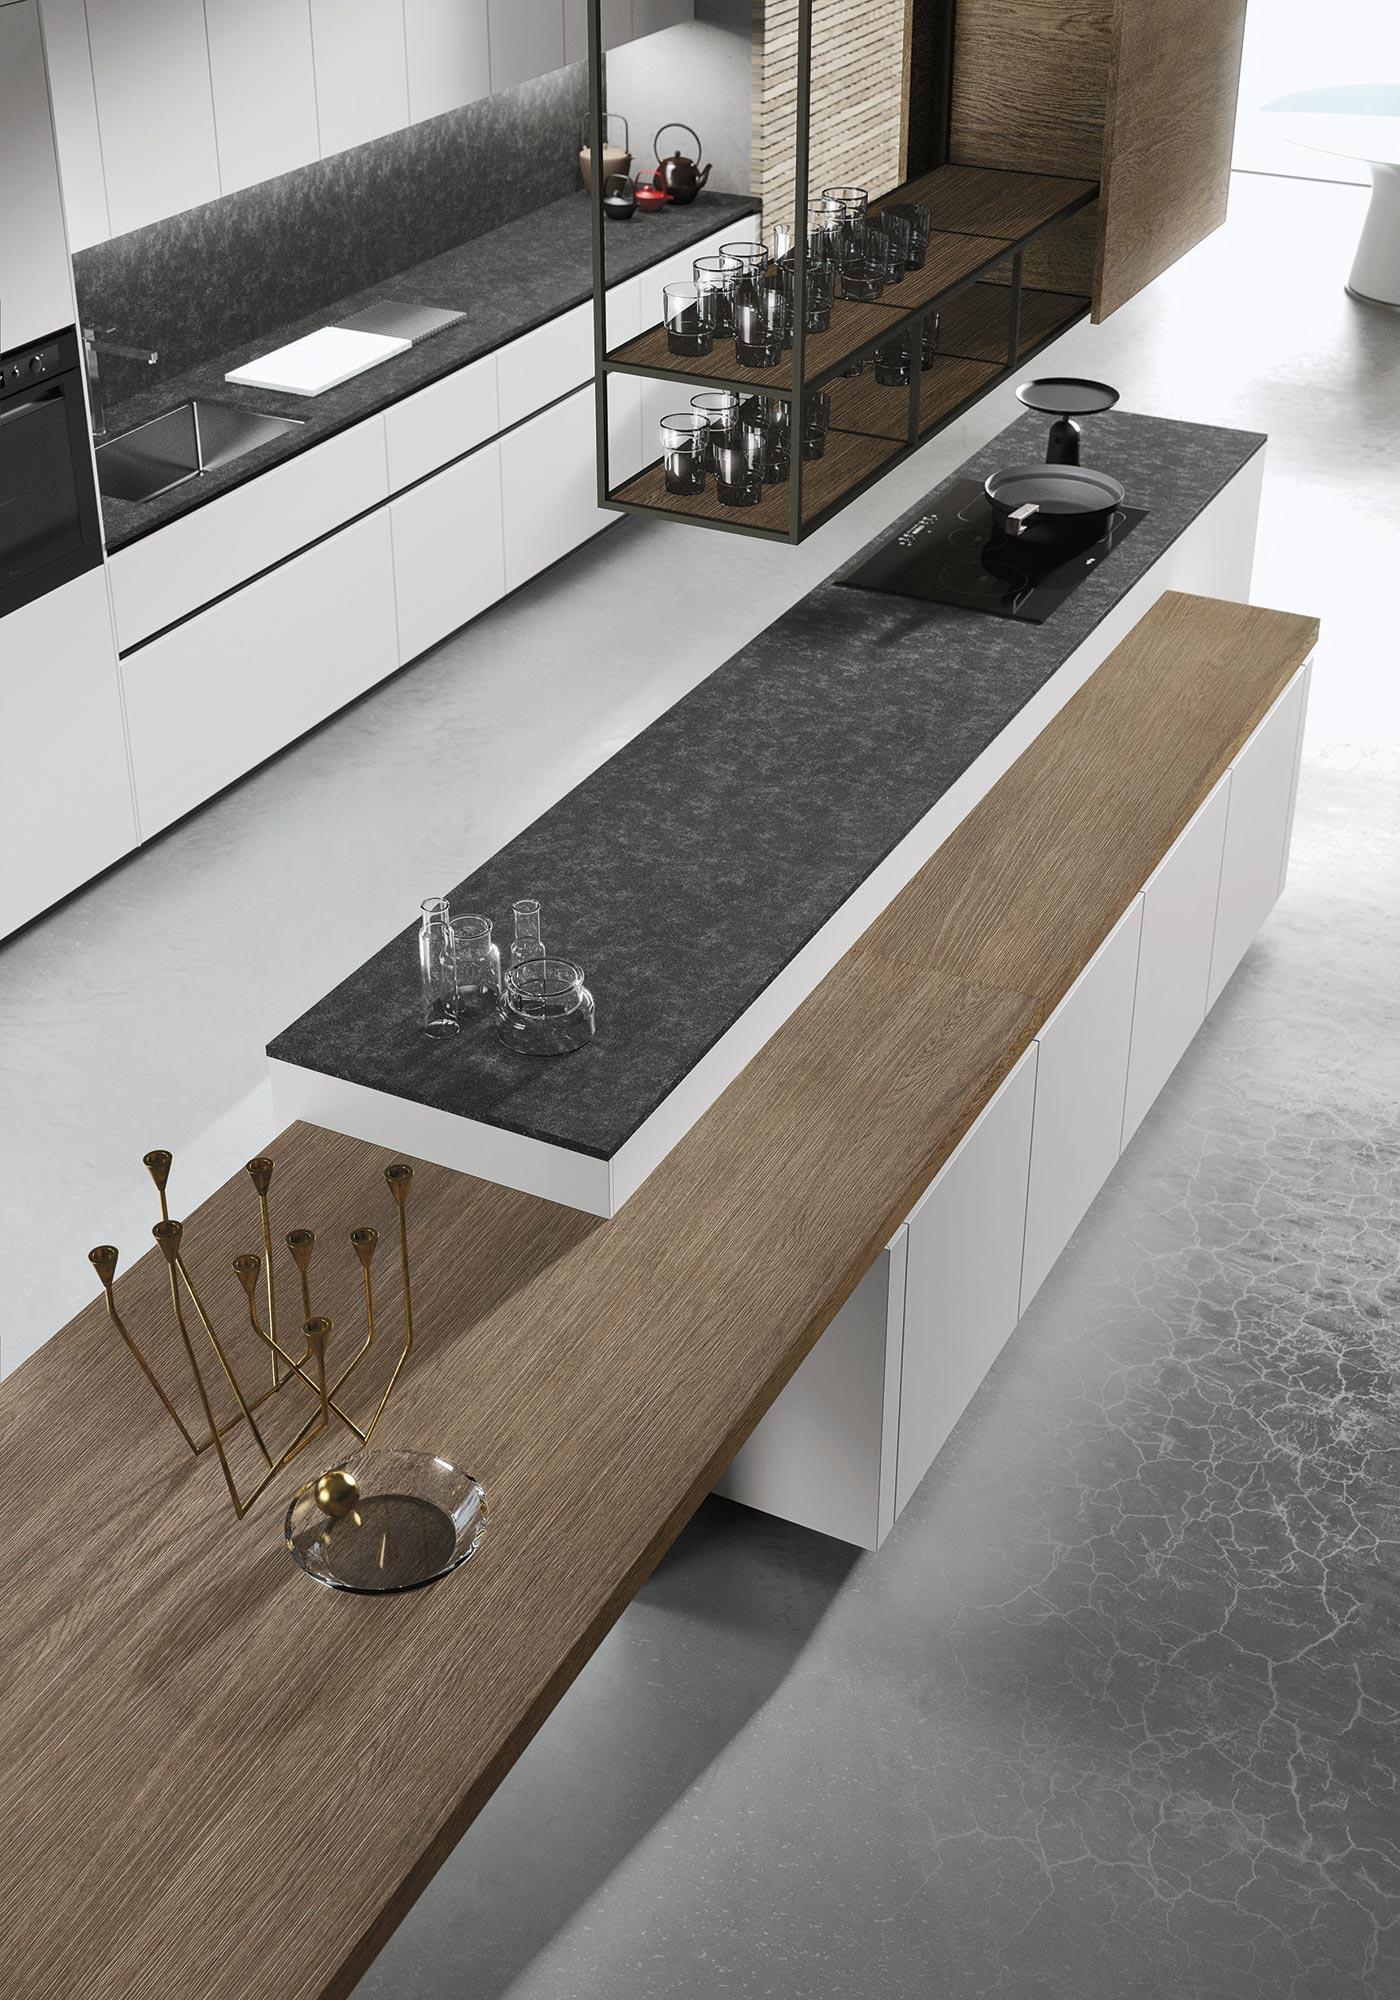 cucine-componibili-moderne-look-snaidero-dettaglio-7